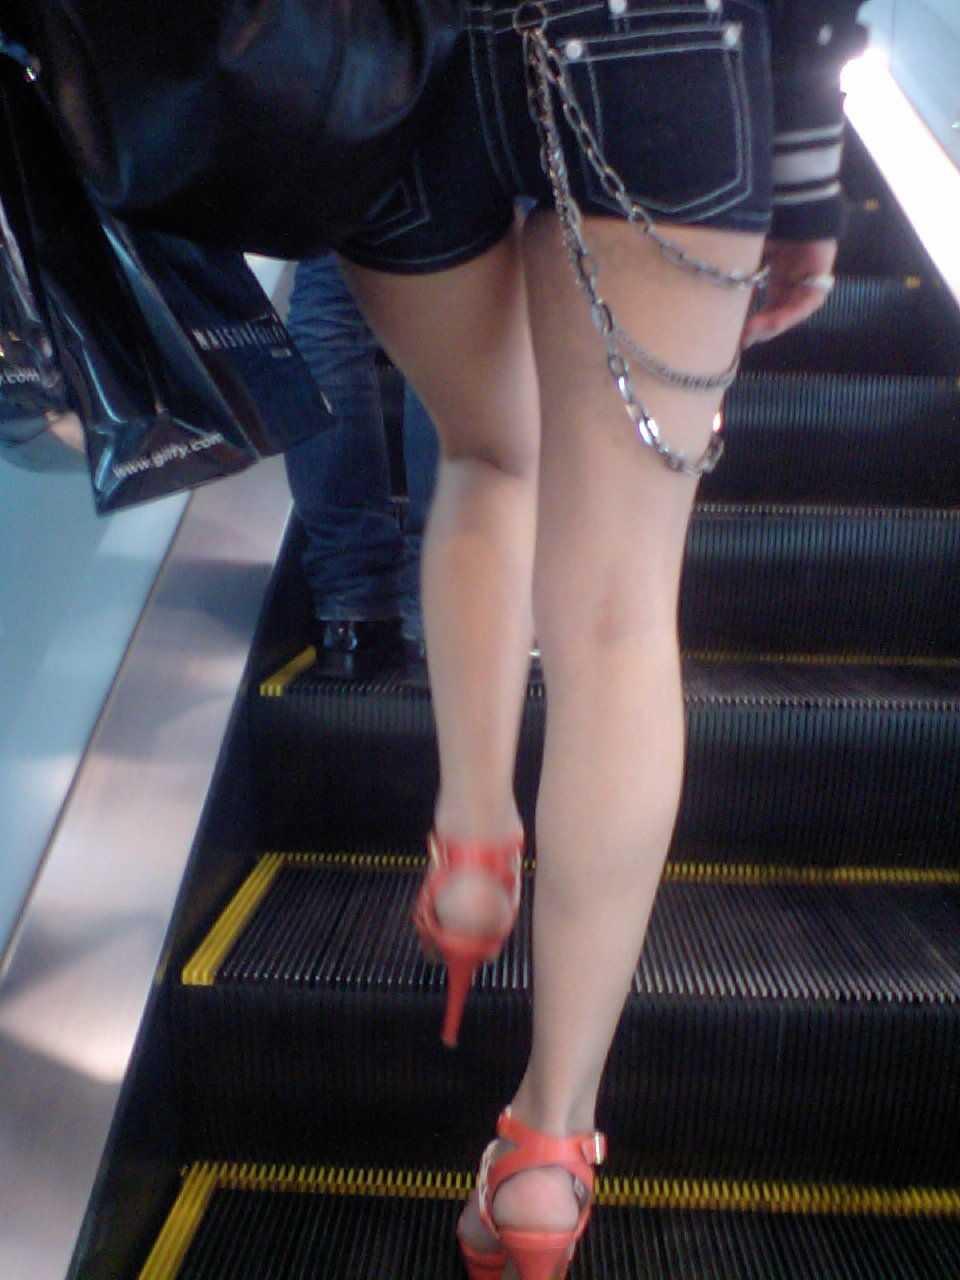 ショートパンツから伸びる脚 (16)